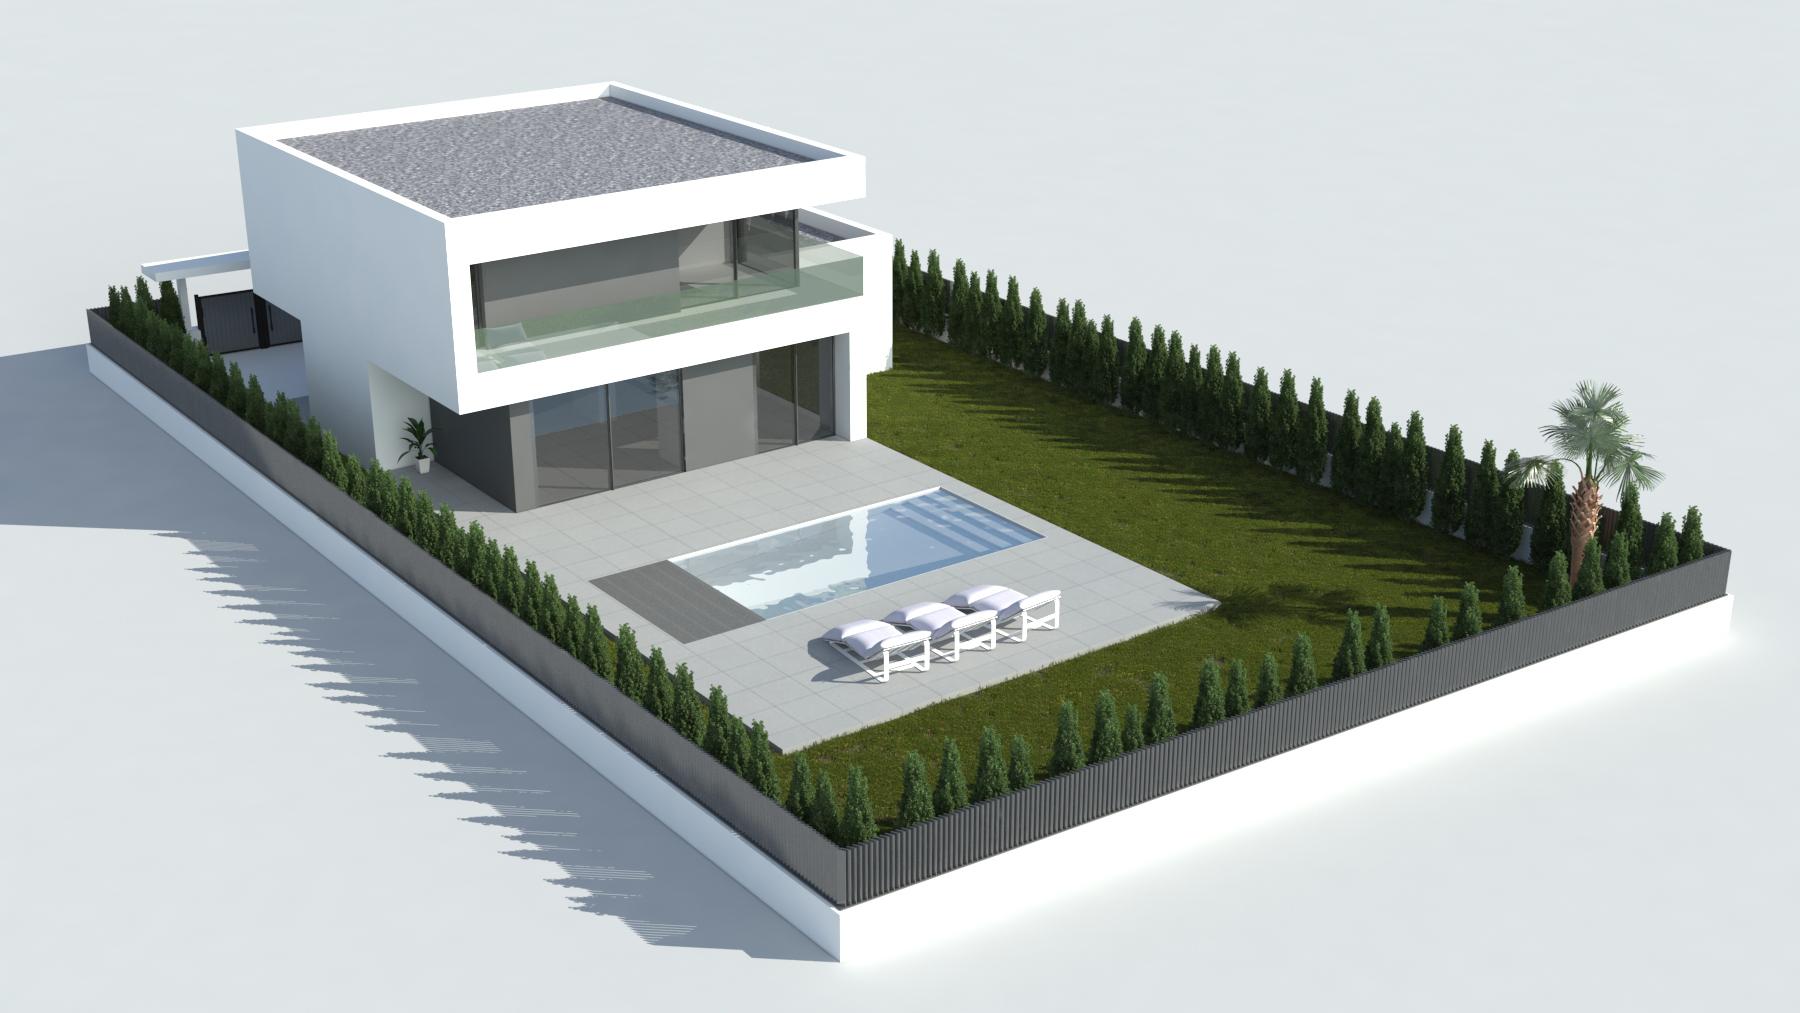 Casa falc b tera valencia efihabitat arquitectura - Casas en betera ...